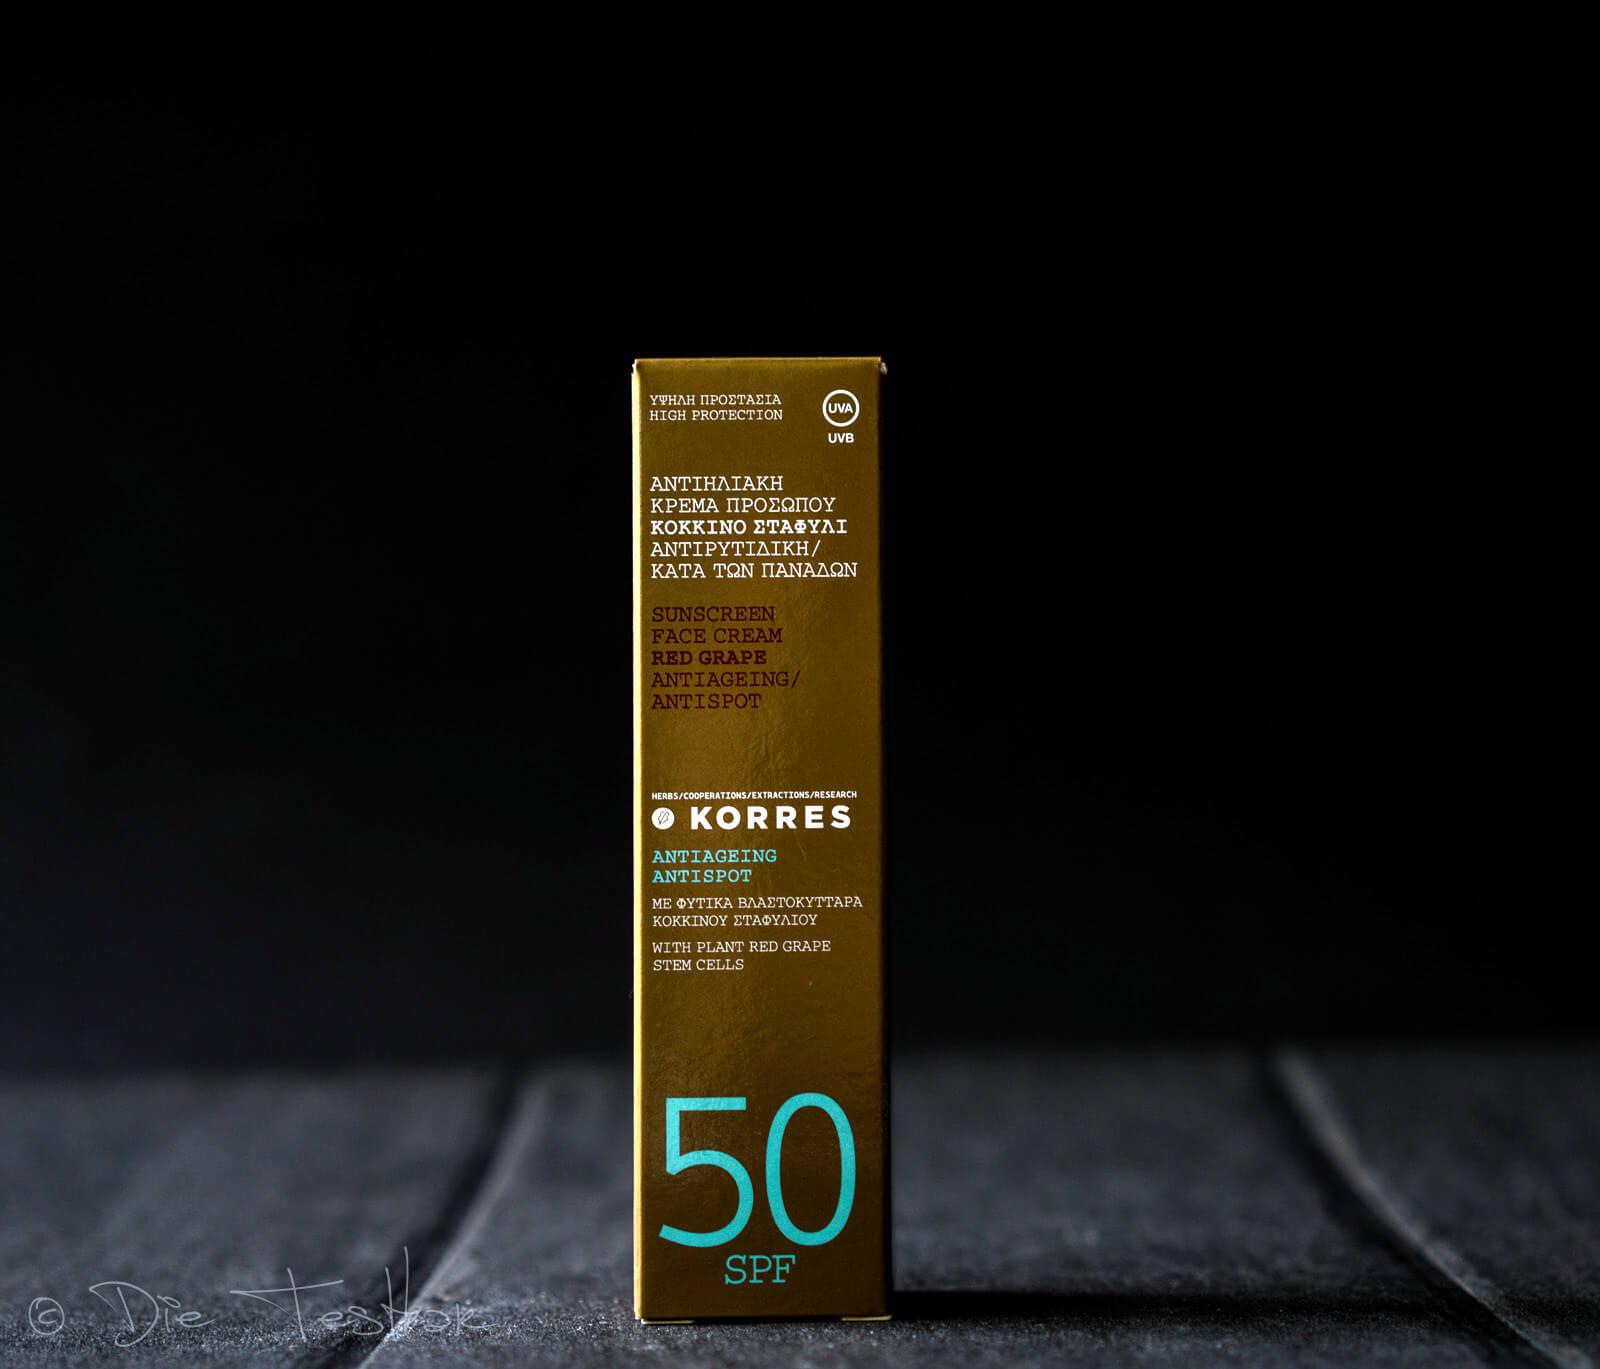 Red Grape SPF50 Sunscreen Facecream von Korres